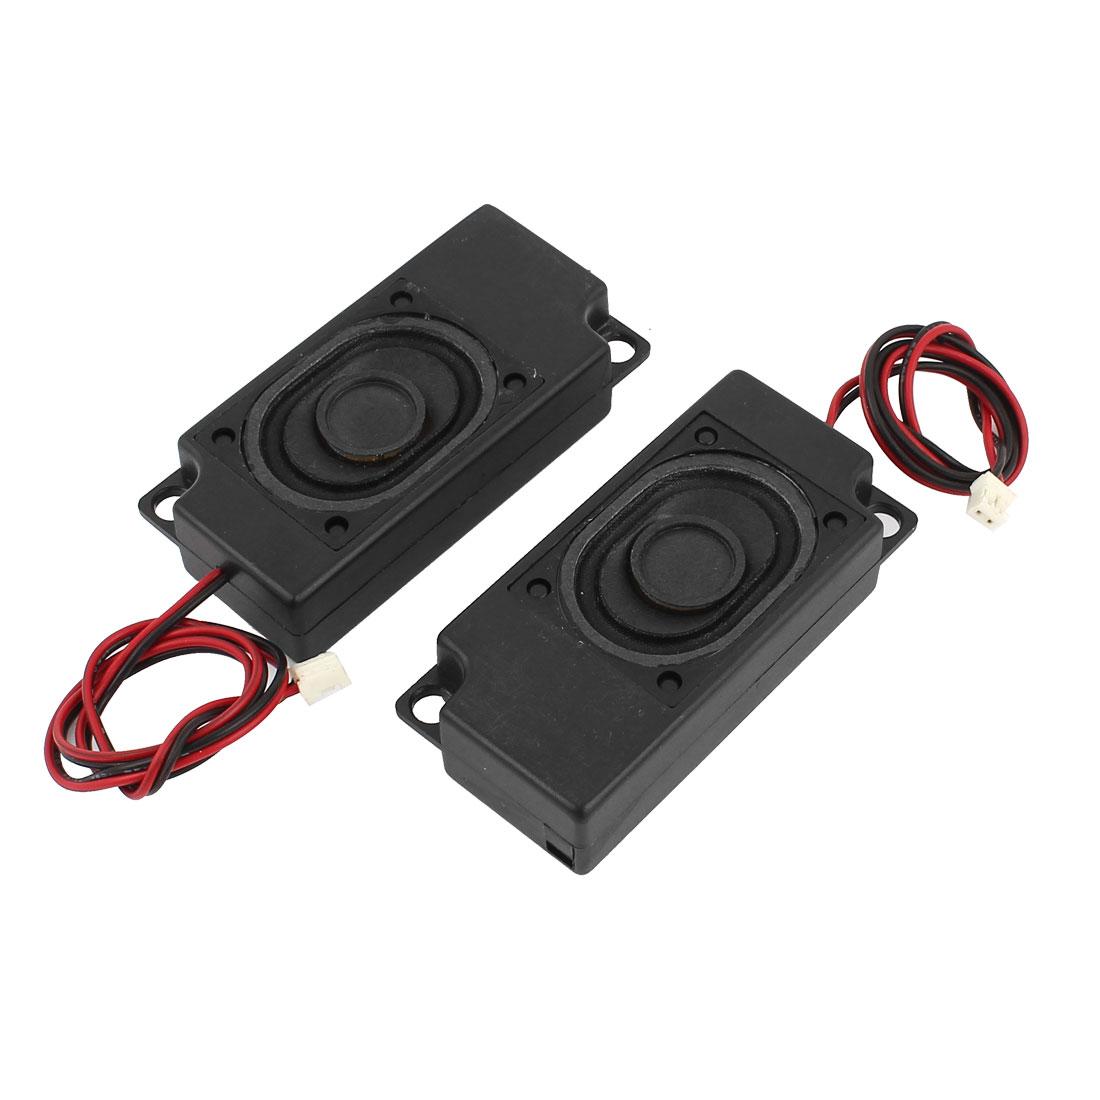 Unique Bargains 2Pcs 70mm x 33mm Plastic Shell 2-Leads Audio Speaker Black 8 Ohm 2W